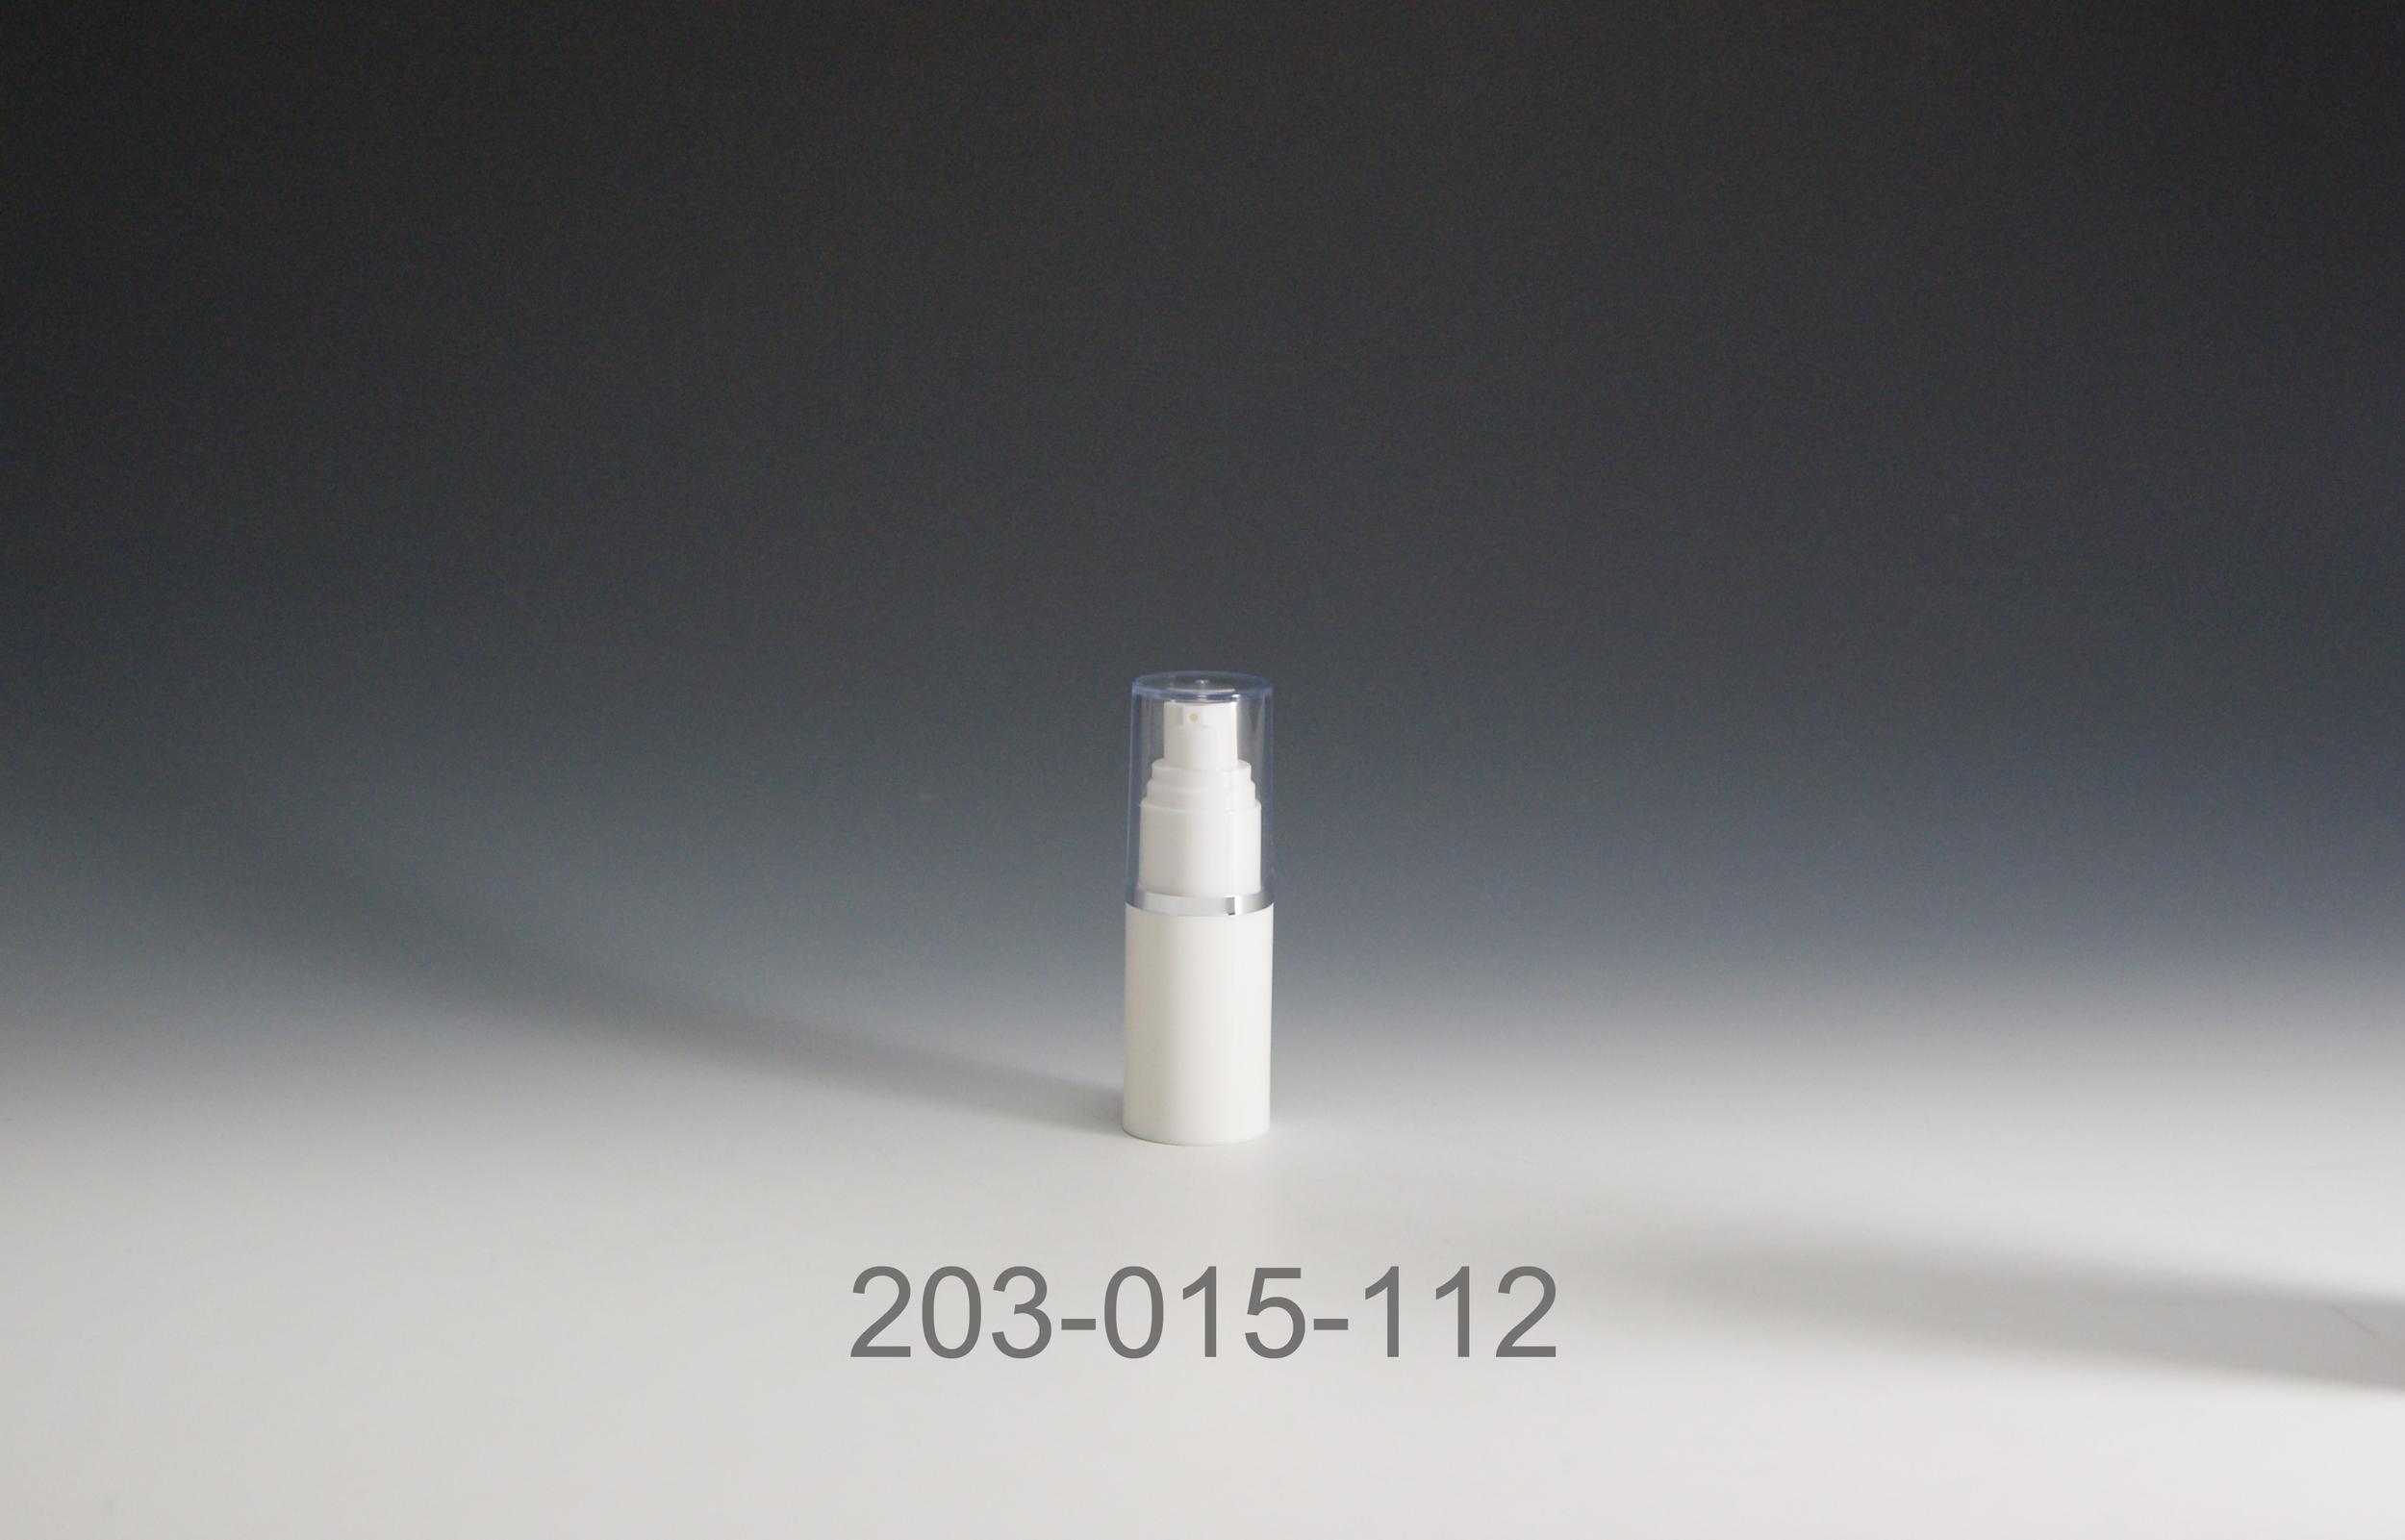 203-015-112.jpg